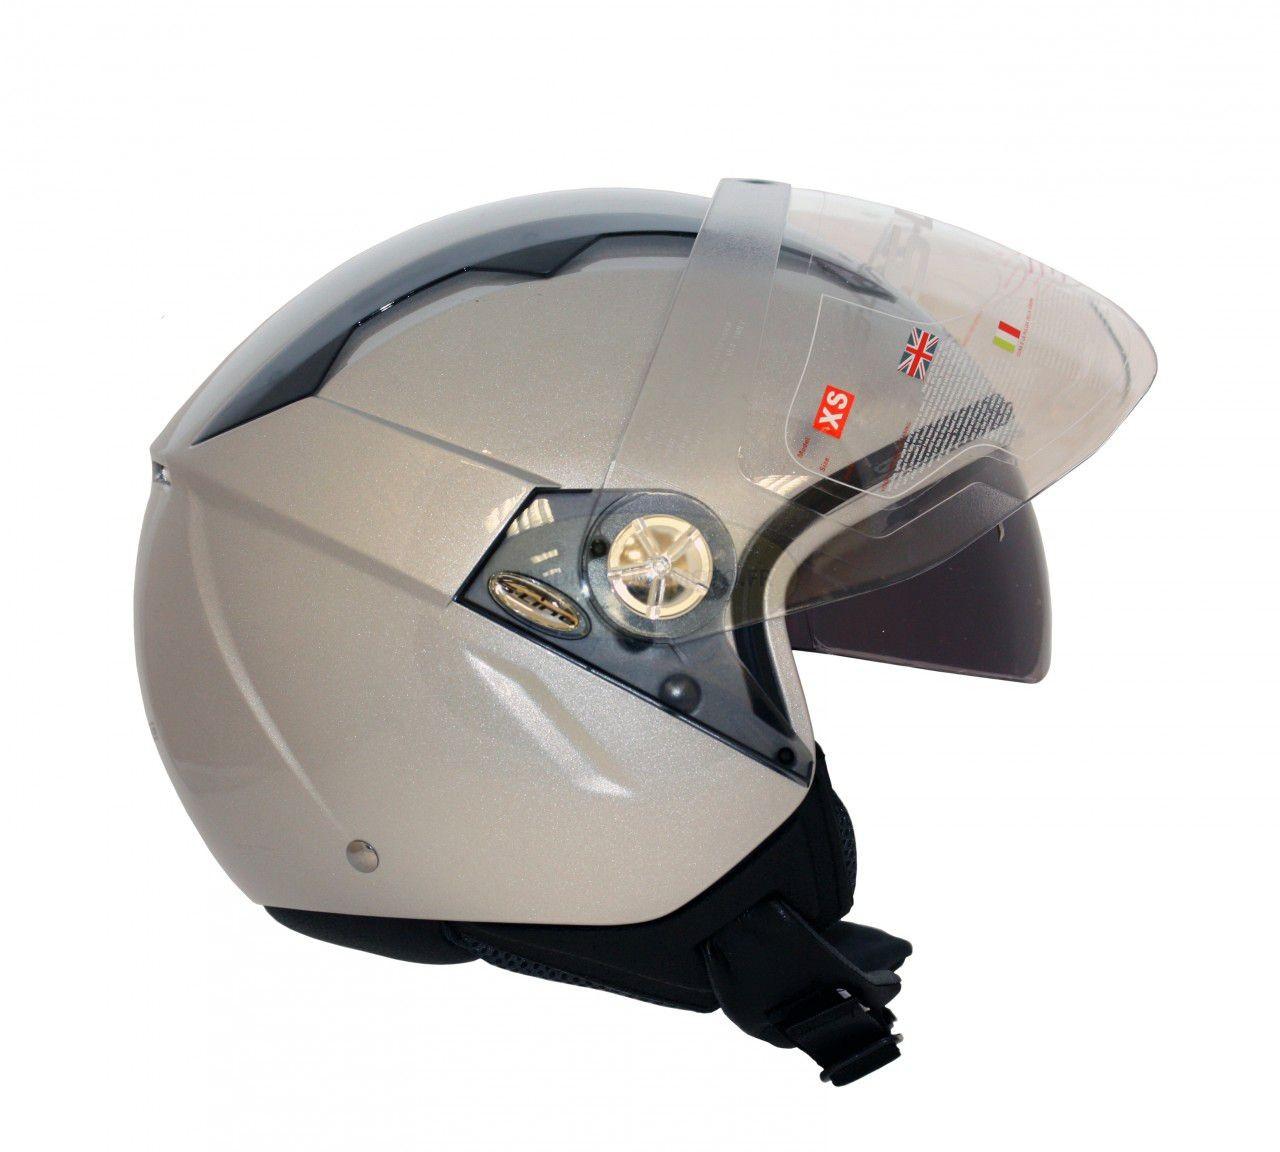 Casque moto Demi Jet S700 de S-Line - Image 1